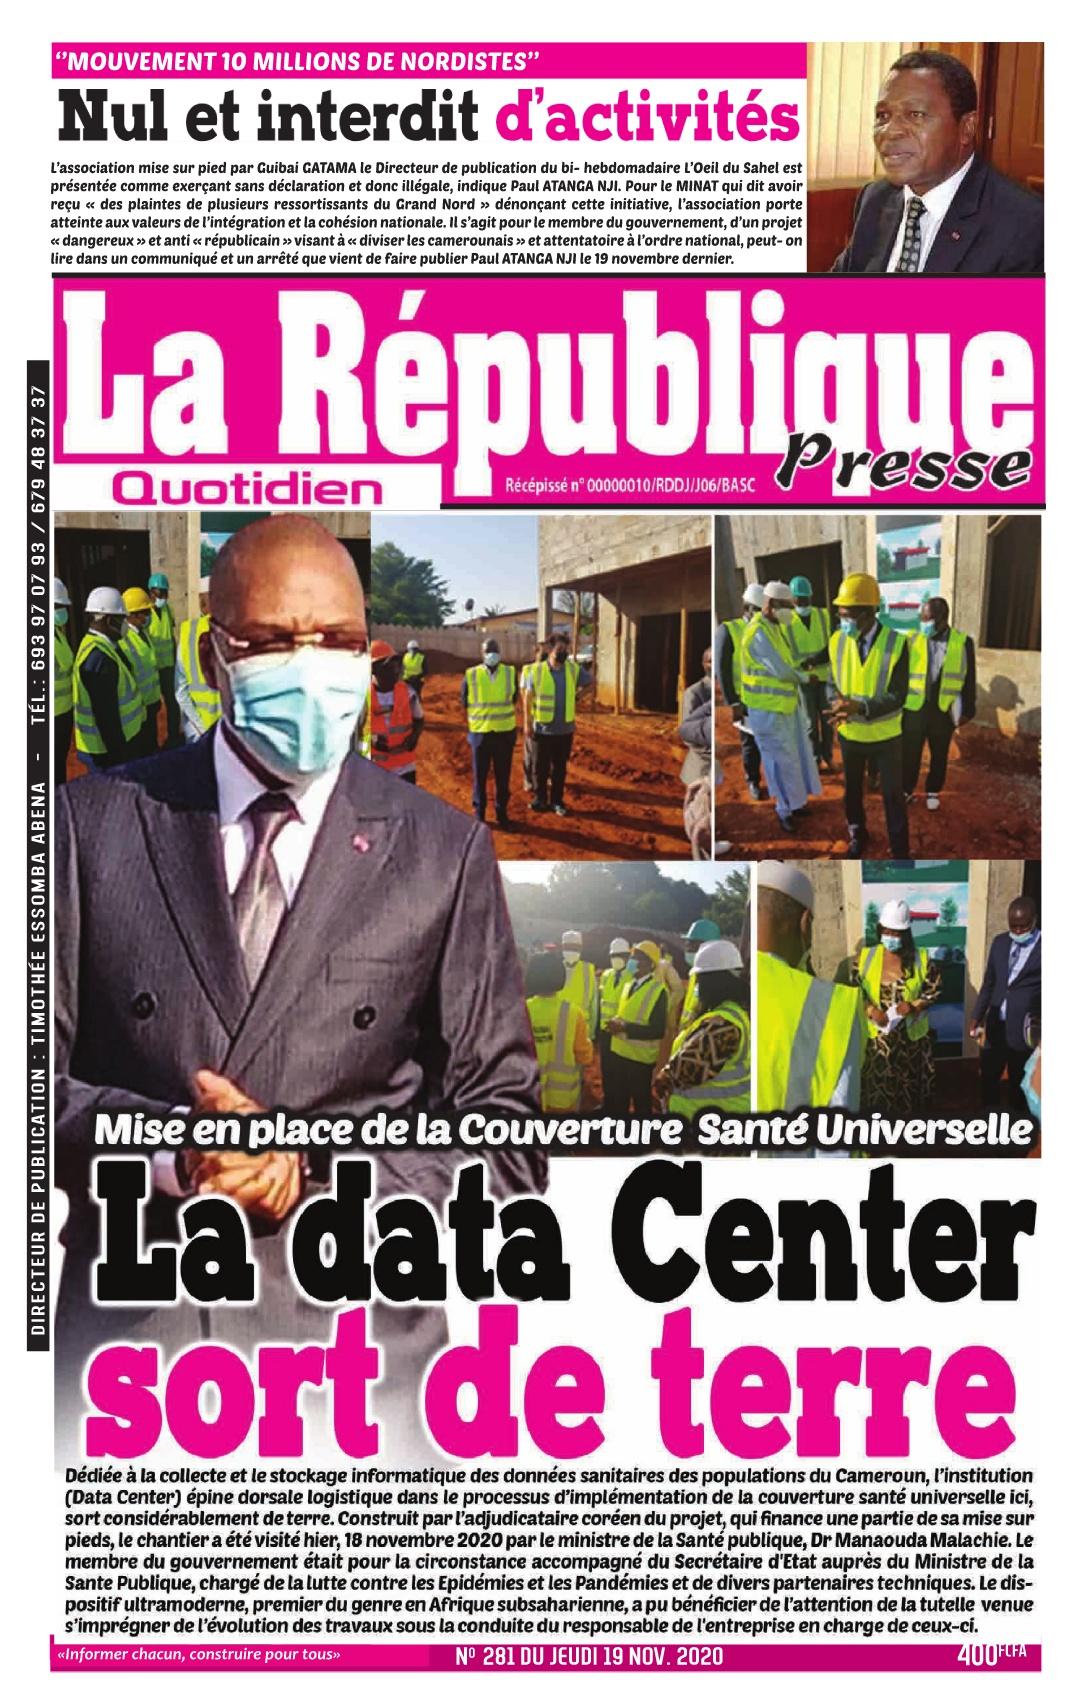 LA REPUBLIQUE PRESSE - 20/11/2020